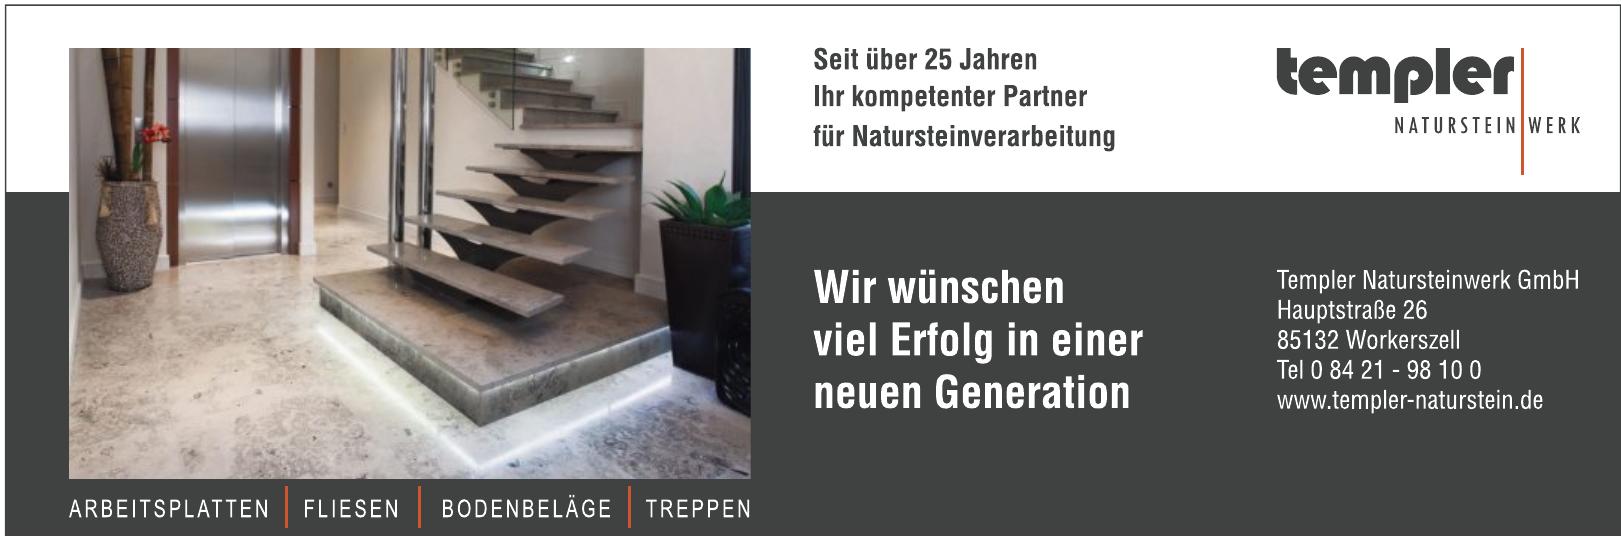 Templer Natursteinwerk GmbH